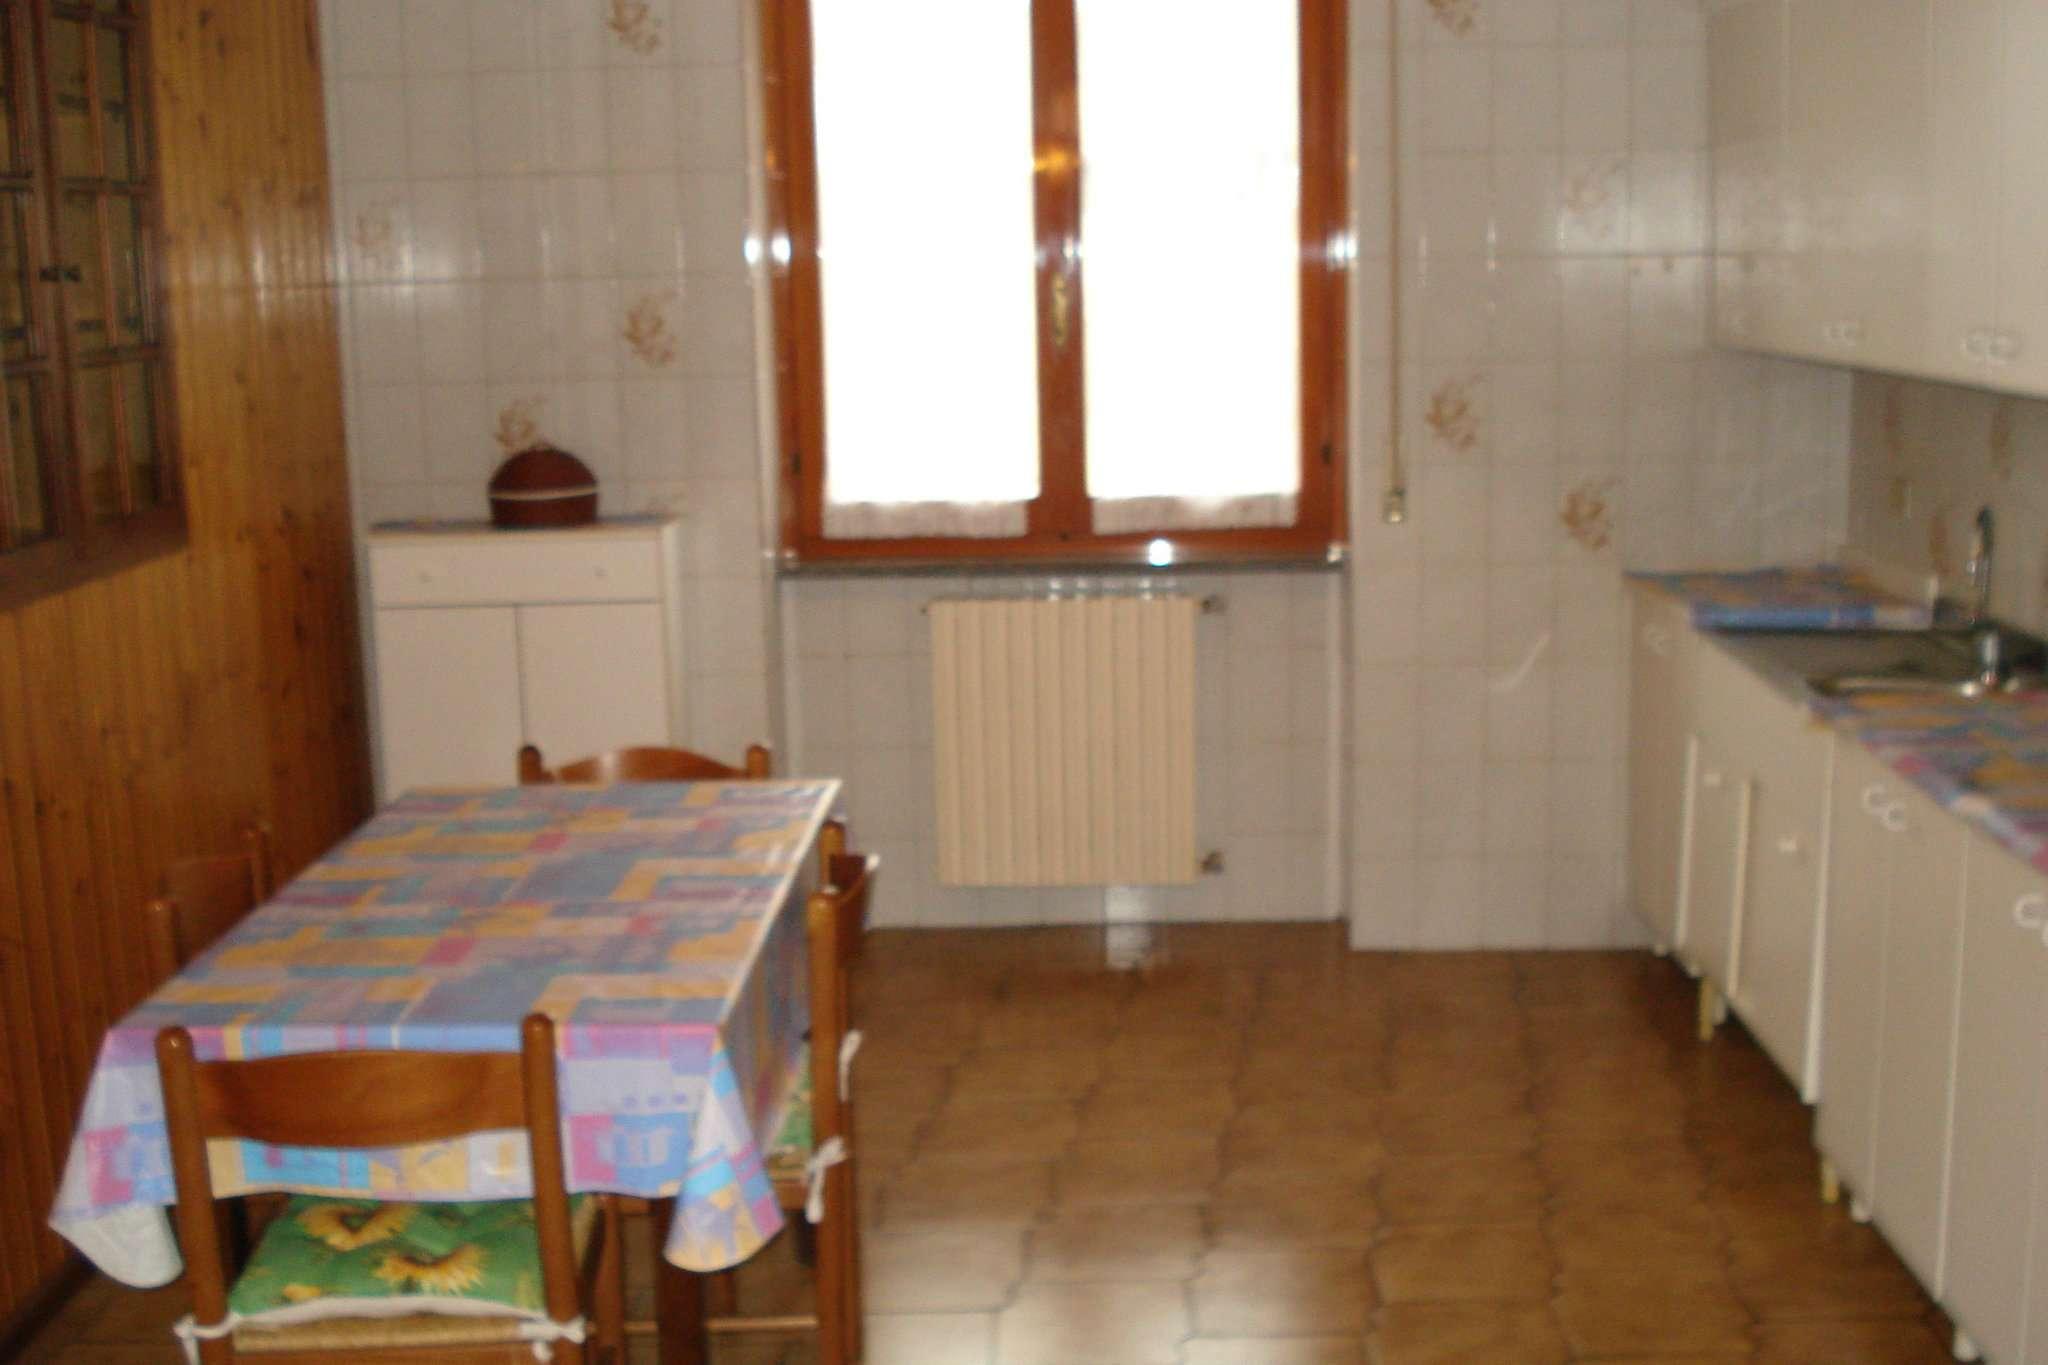 Appartamento in vendita a Cesate, 2 locali, prezzo € 64.000 | CambioCasa.it